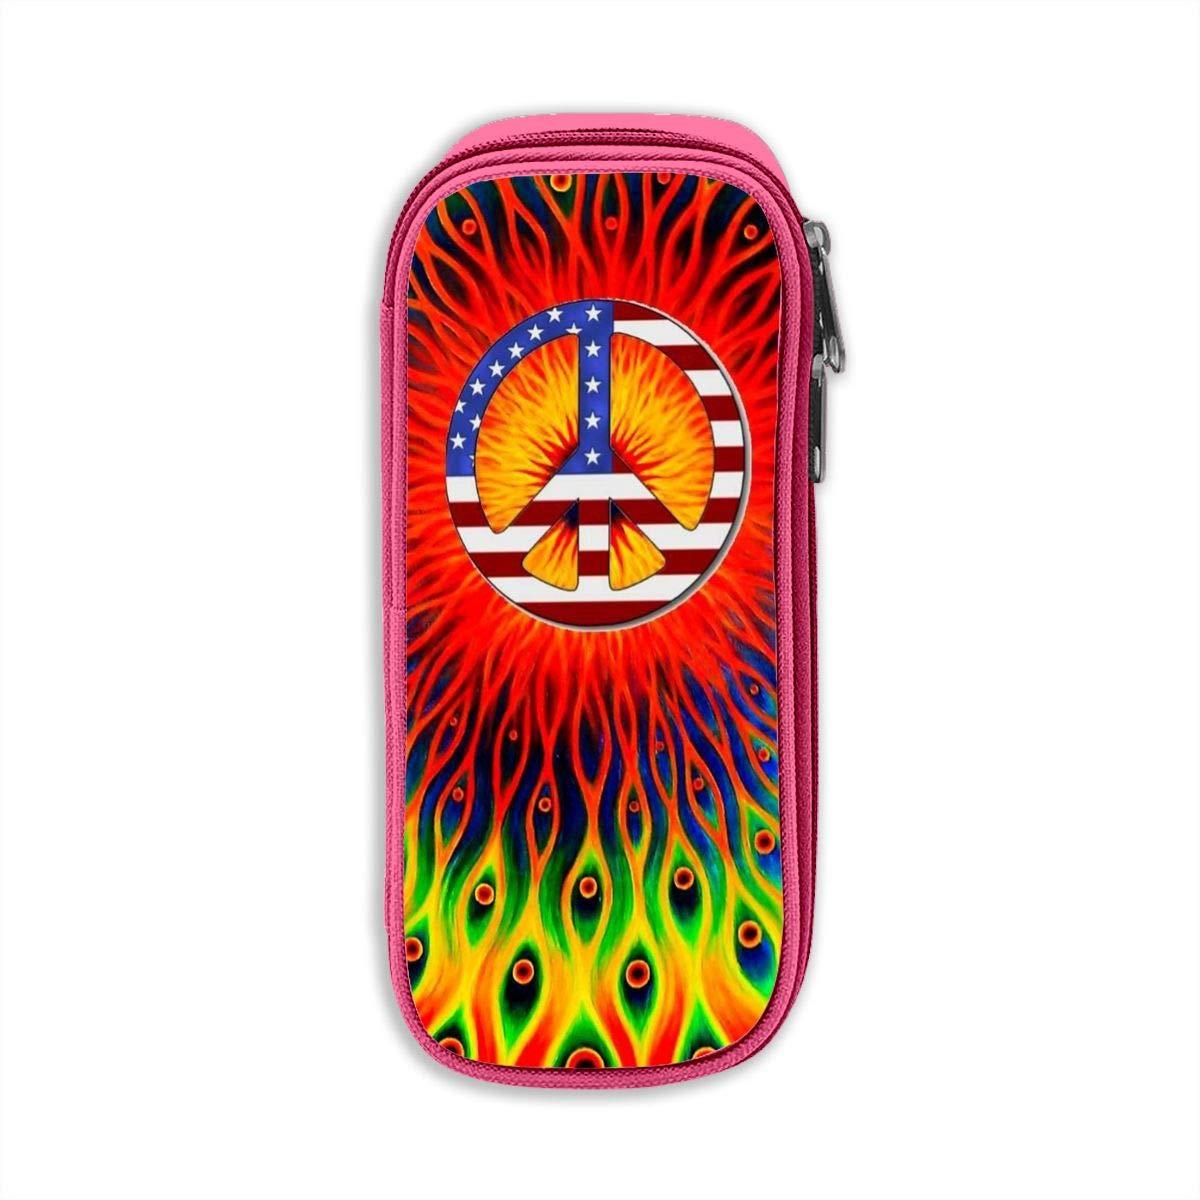 Trippy Hippie - Estuche para lápices o bolígrafos, diseño de bandera de Estados Unidos: Amazon.es: Oficina y papelería